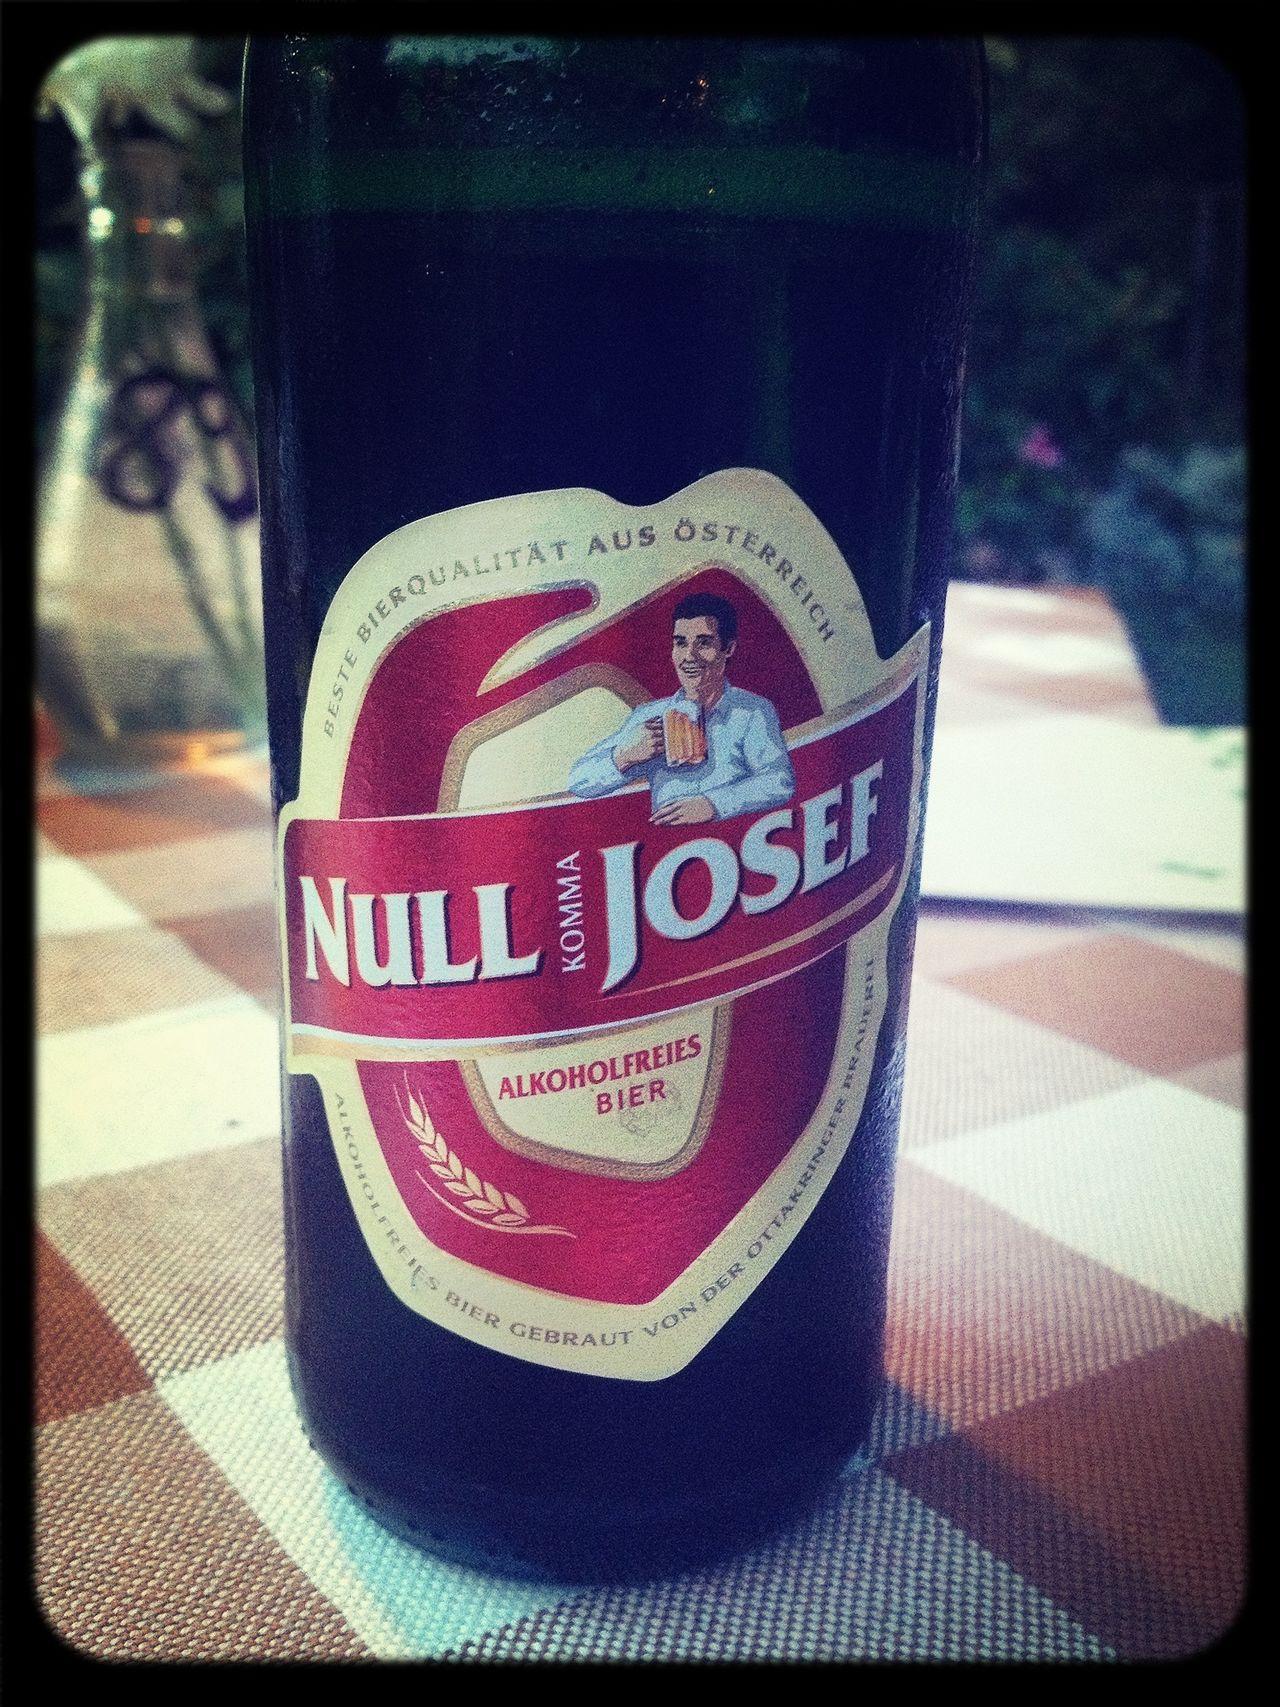 Null Komma Josef - Bester Name für Alkoholfreies Bier - Prost!